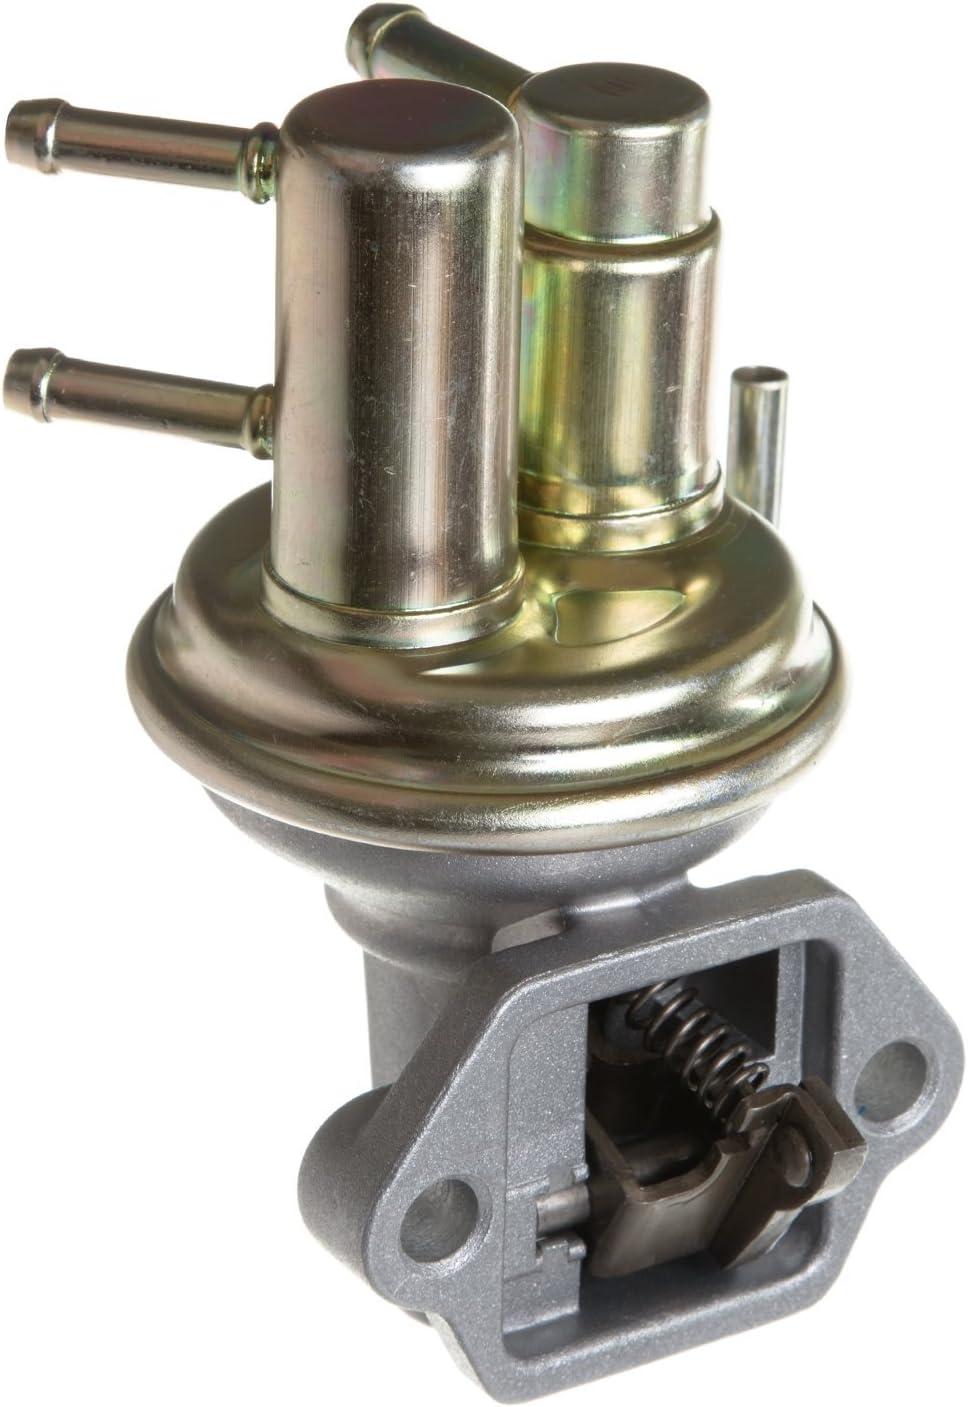 Our shop OFFers the best service Delphi MF0039 Mechanical unisex Pump Fuel